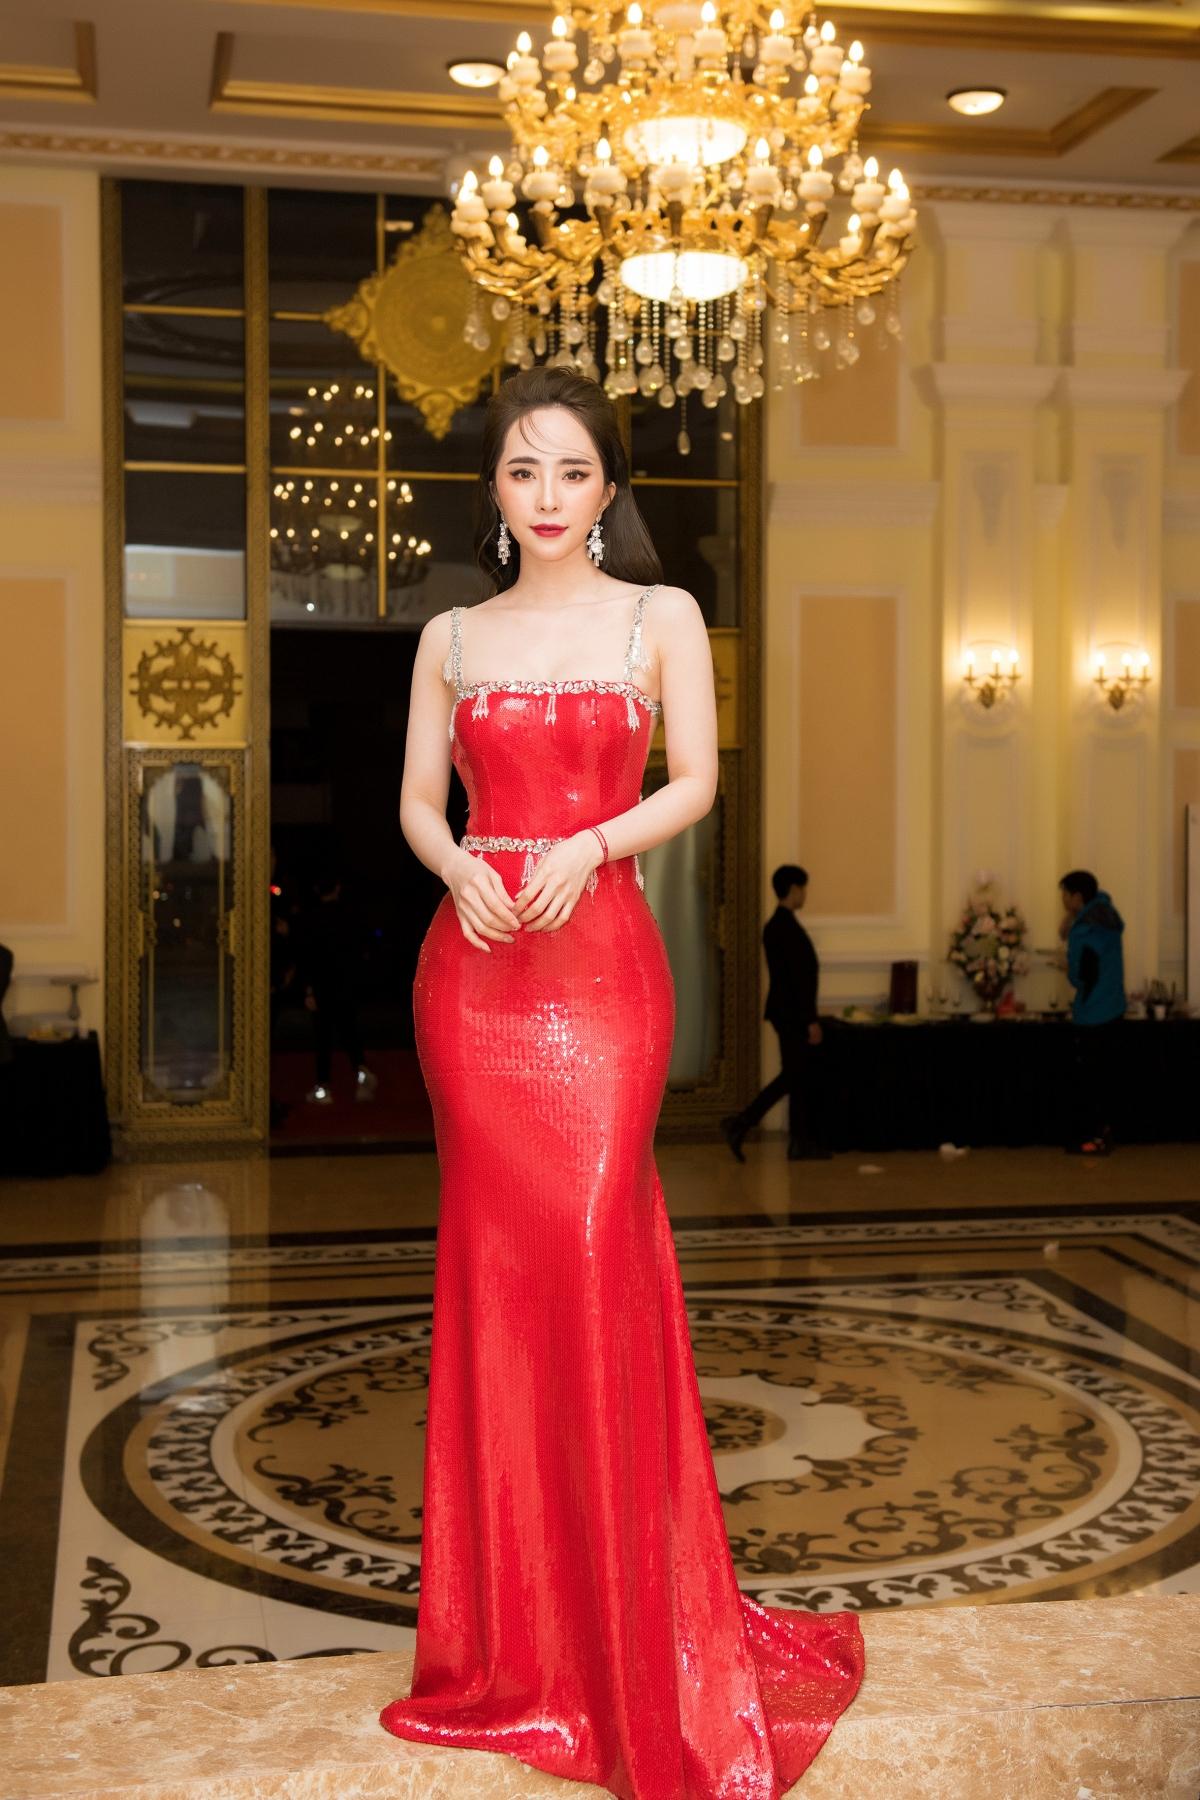 Tại sự kiện, Quỳnh Nga cũng diện một thiết kế dạ hội cúp ngực đỏ rực rỡ, khoe eo lưng mềm mại, thon thả của NTK Dương Bùi.